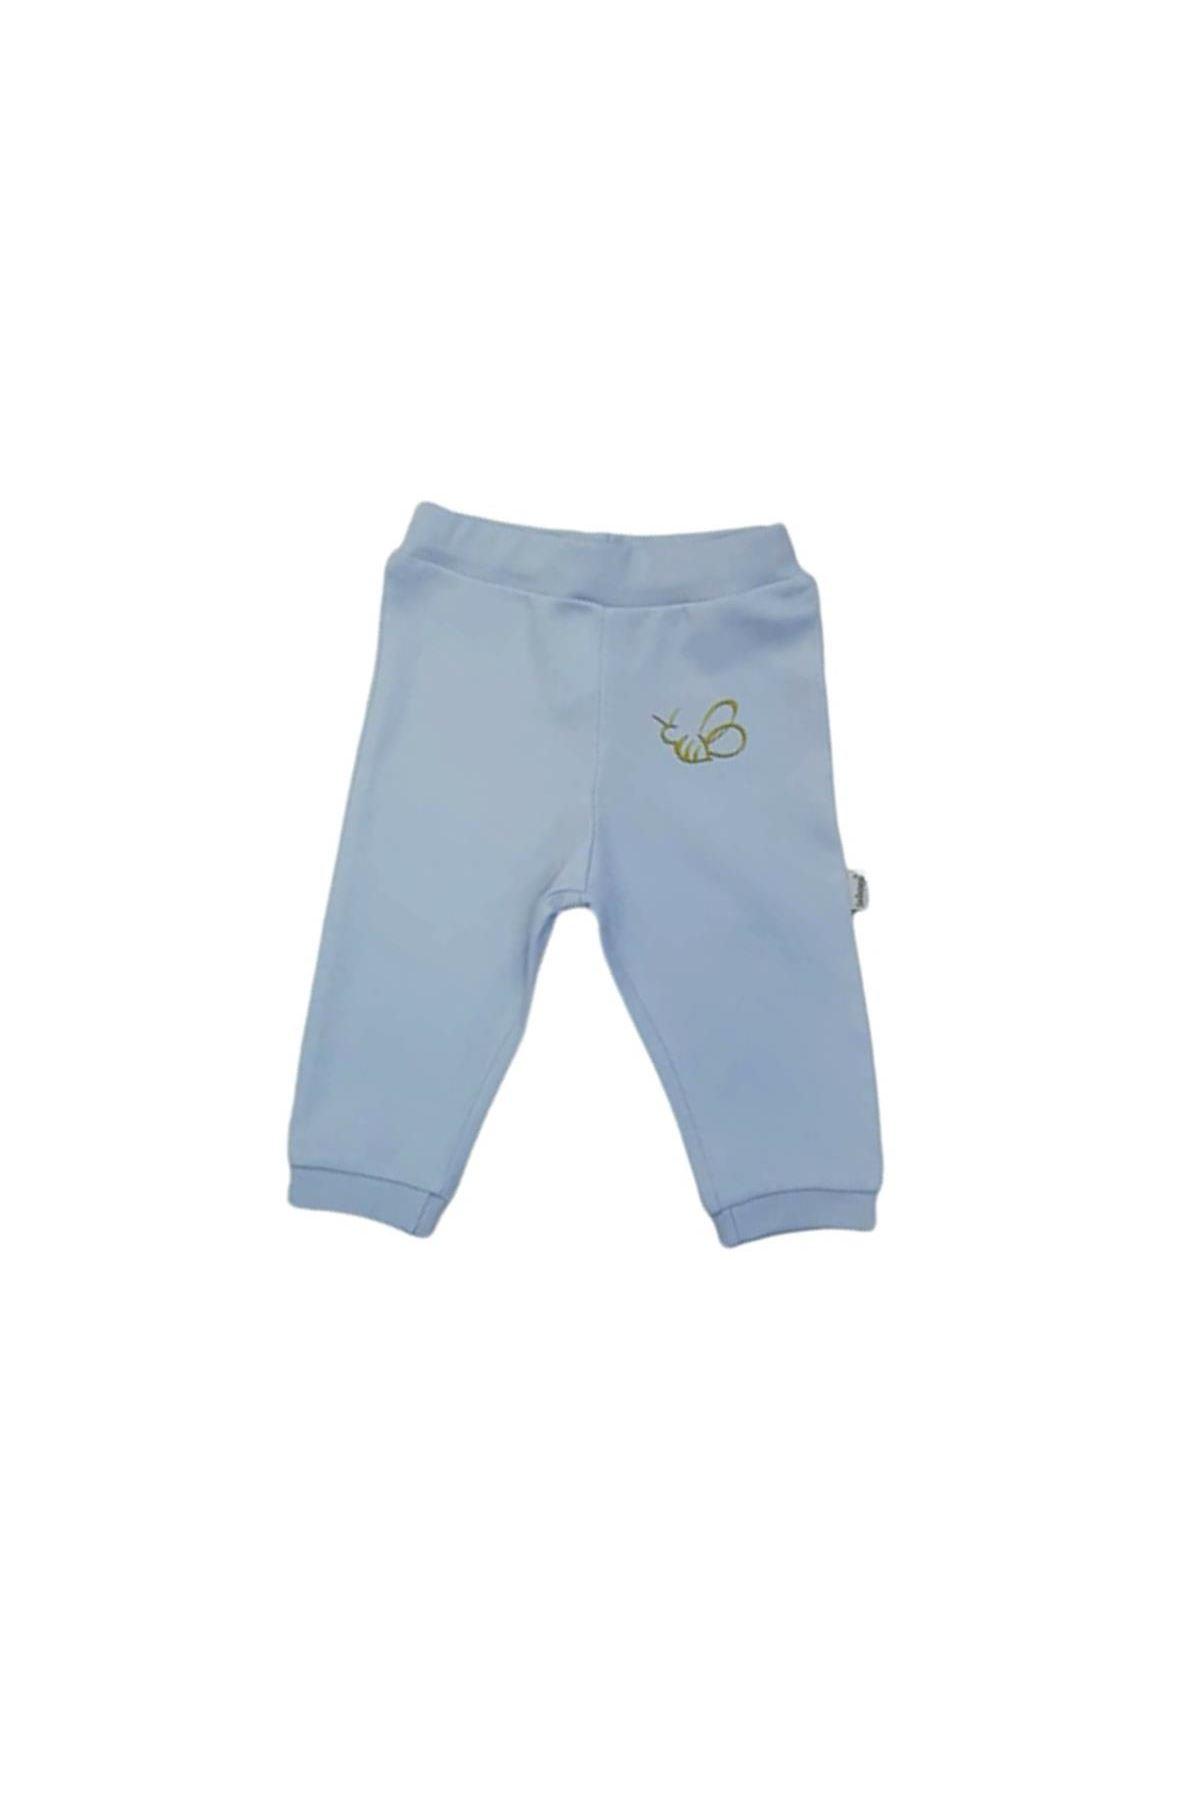 Bebengo Basıc Arılı Patiksiz Tek Alt Pantolon 4012 Mavi